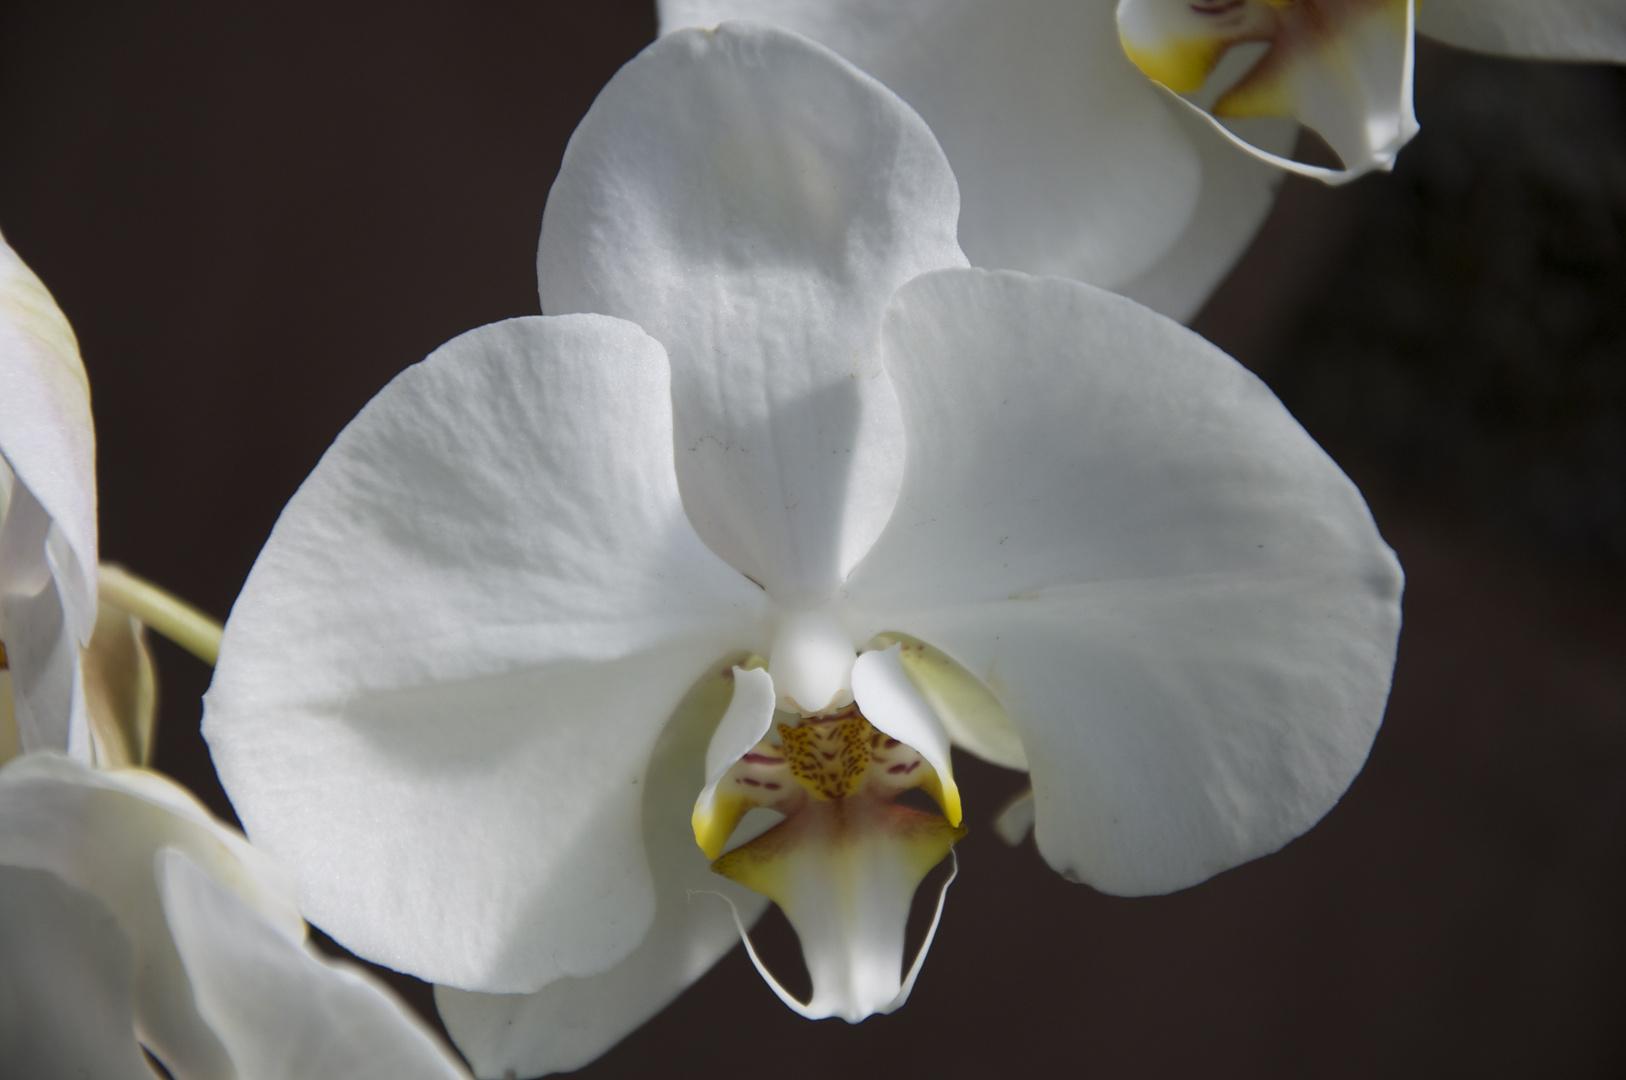 orchidee im botanischen garten... leider die einzige blühende